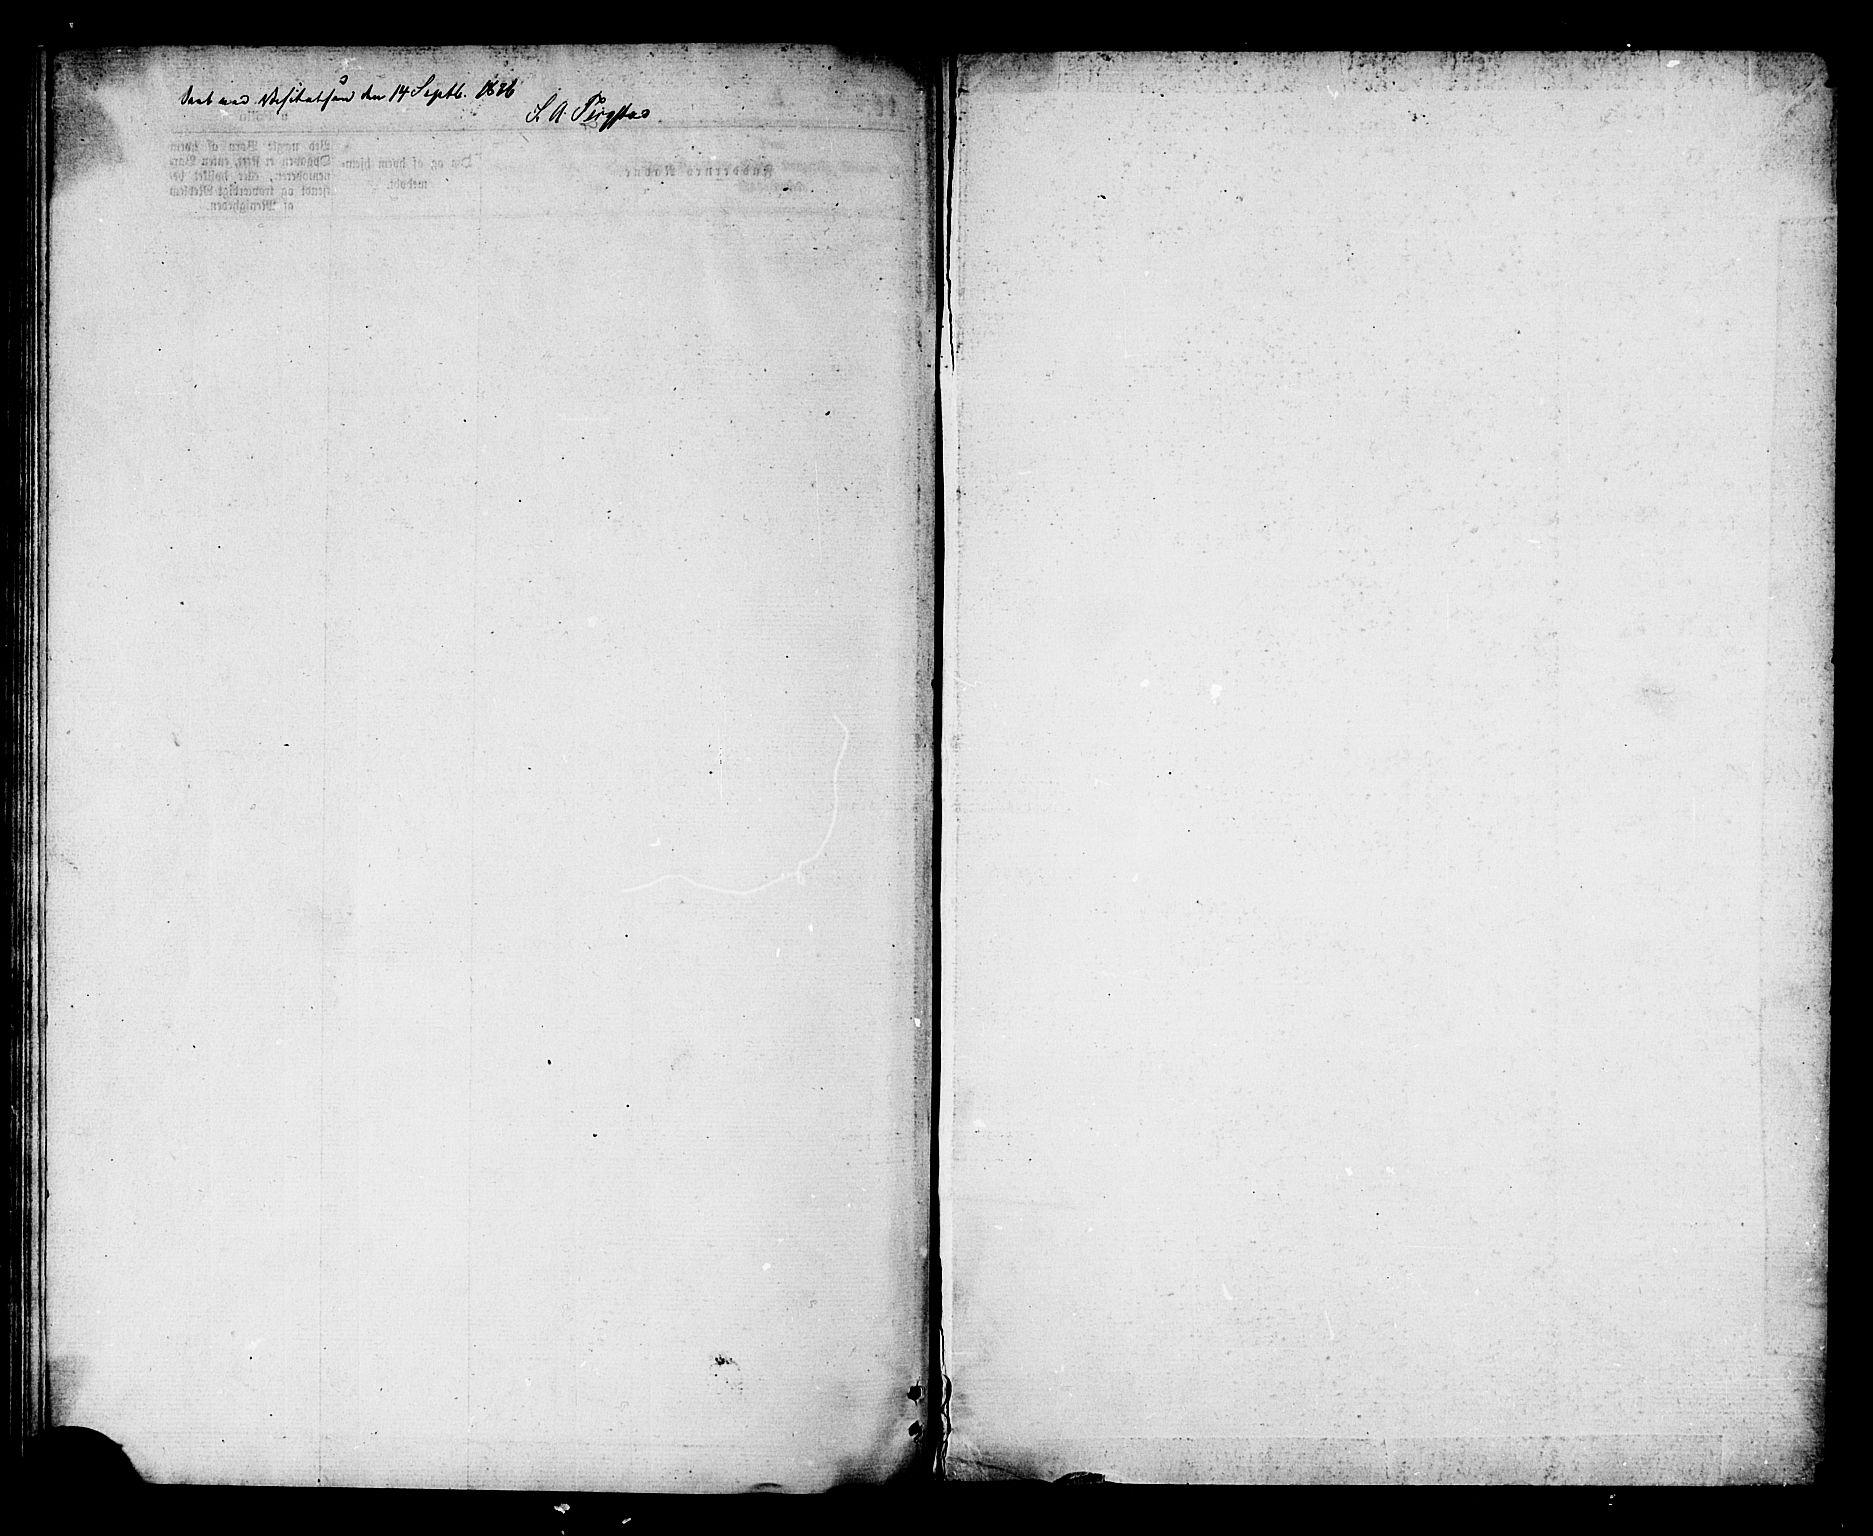 SAT, Ministerialprotokoller, klokkerbøker og fødselsregistre - Nord-Trøndelag, 713/L0118: Ministerialbok nr. 713A08 /2, 1875-1877